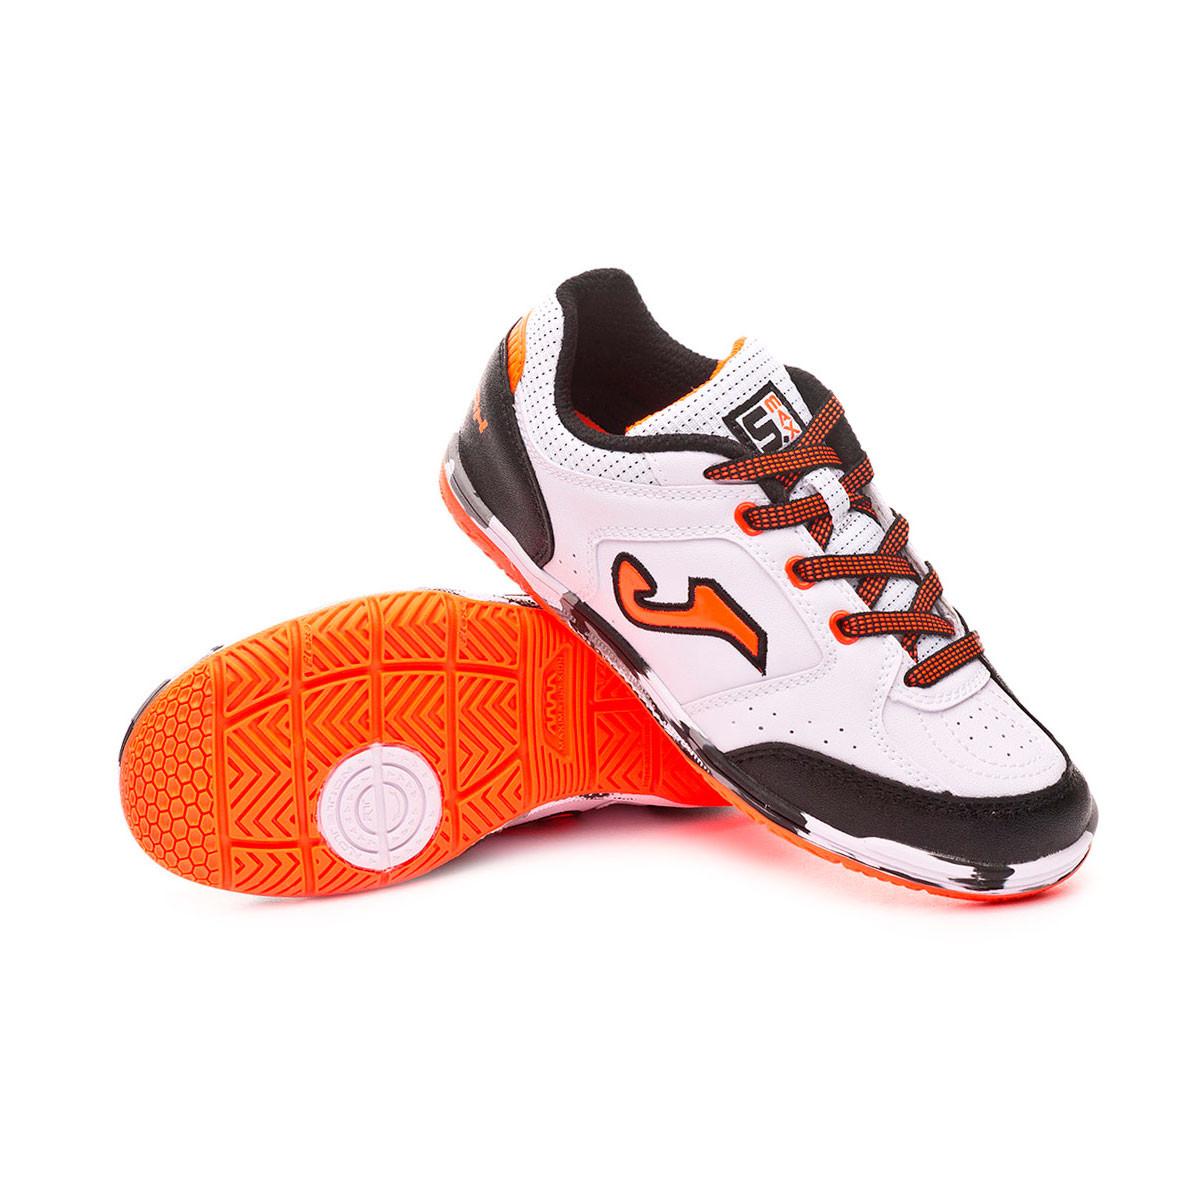 84e866ee9a Sapatilha de Futsal Joma Sala Max Niño White-Orange - Loja de futebol  Fútbol Emotion